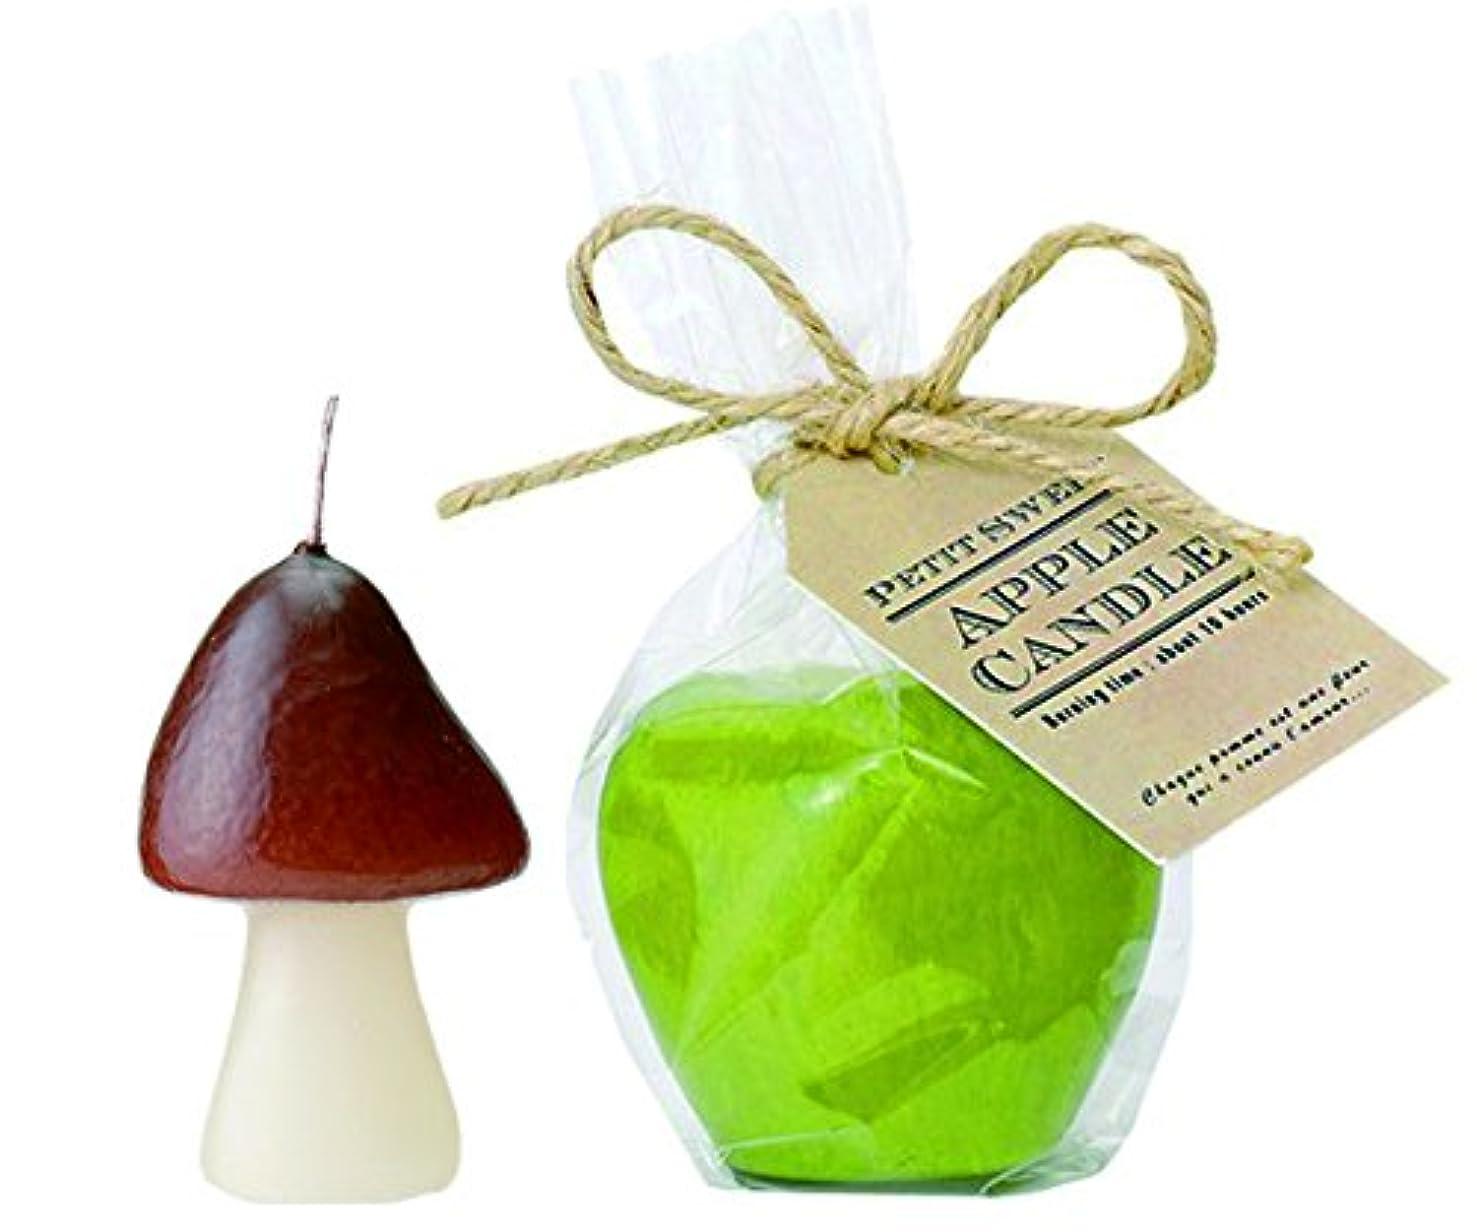 定数水族館治すカメヤマキャンドルハウス きのこキャンドルS ×1 プチスイートアップルフローティングキャンドル グリーン アップルの香り×1 セット